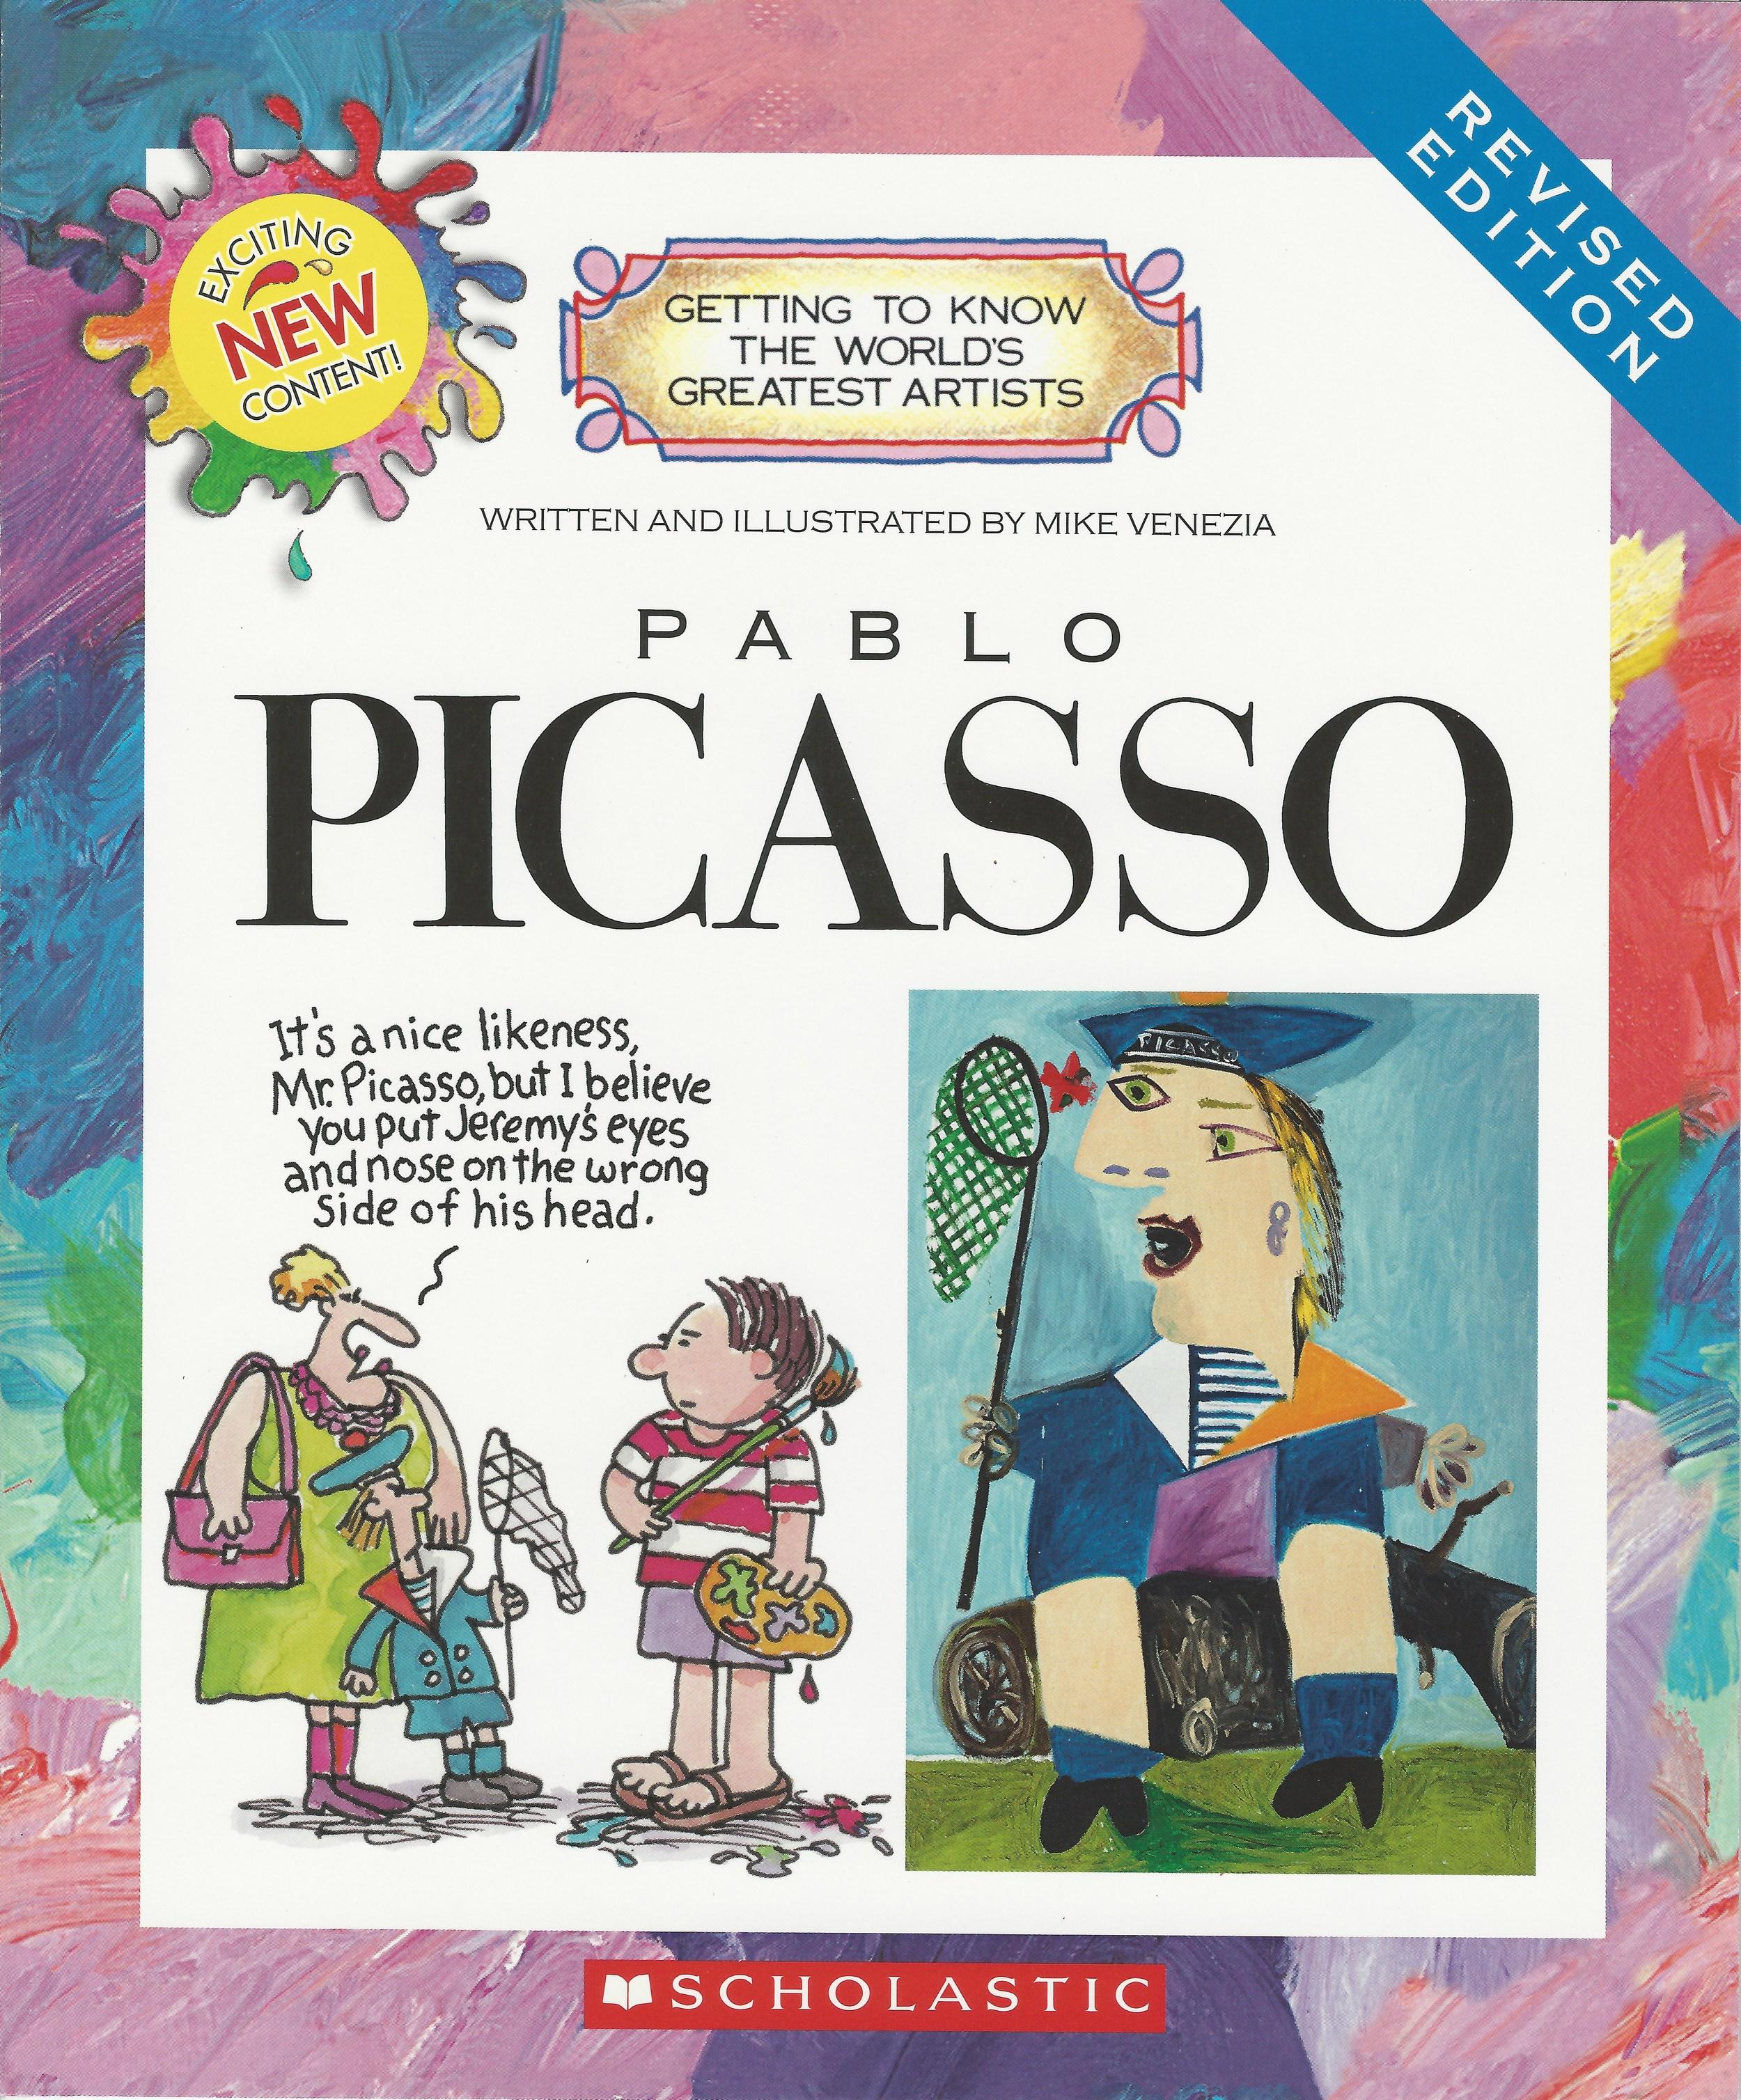 Picasso_Venezia